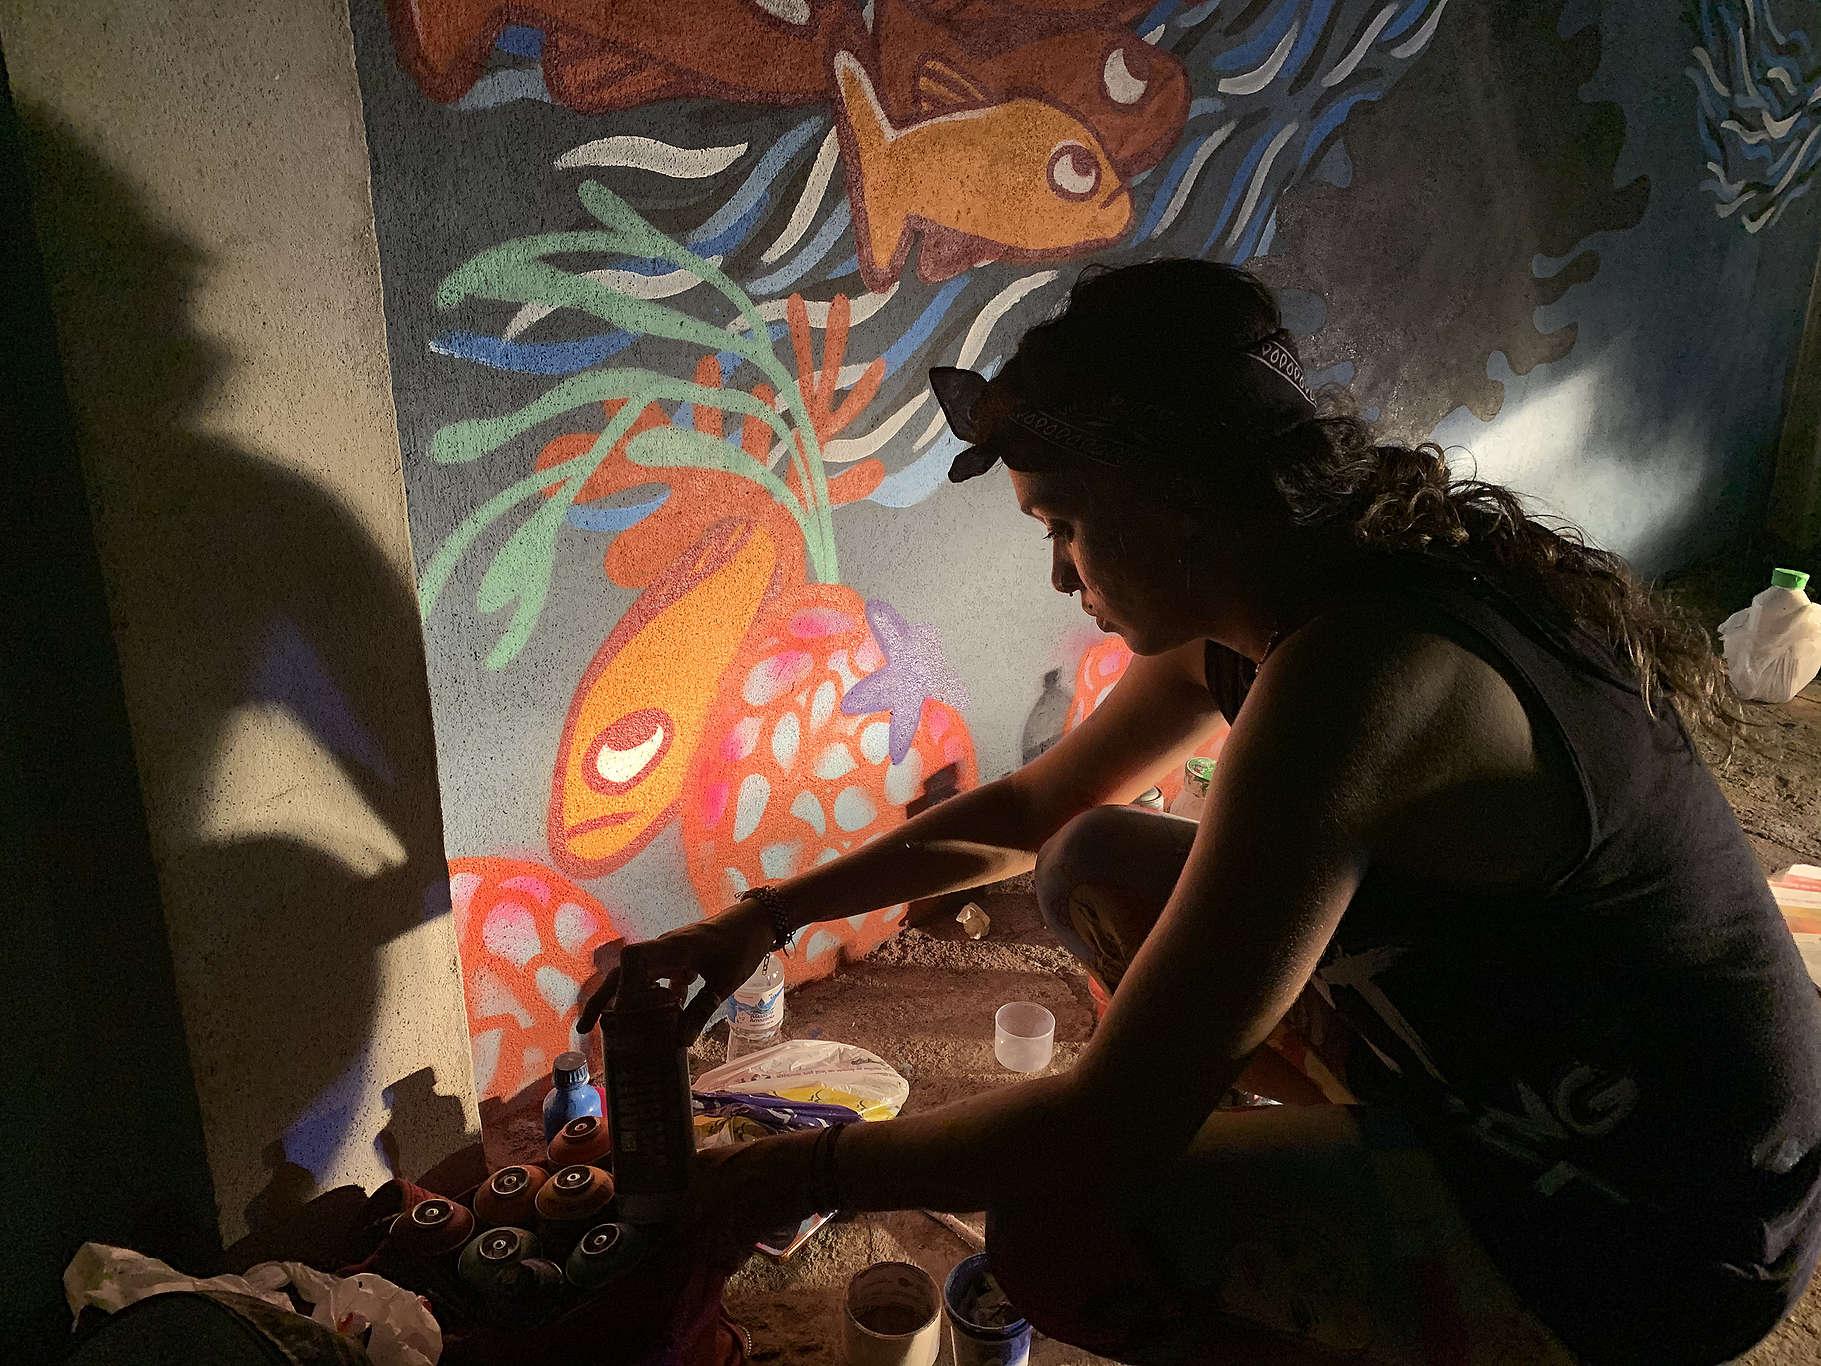 Intervenção da artista Moara pintando um mural com ilustrações de seres marinhos.